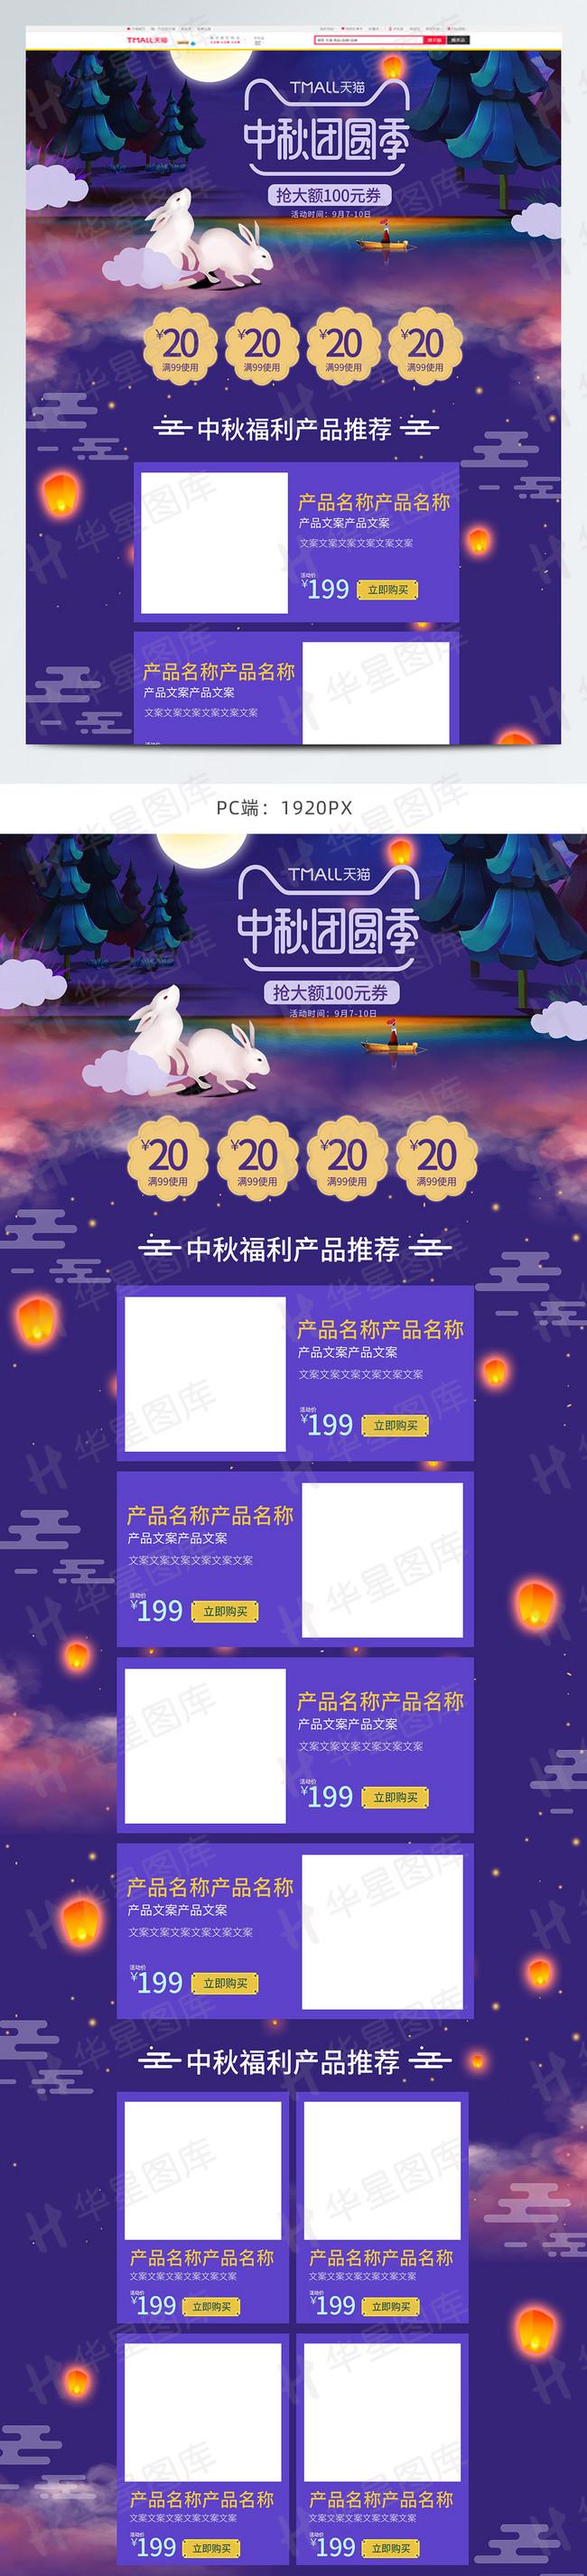 八月十五中秋节团圆节食品茶饮月饼促销首页PC端1920 px